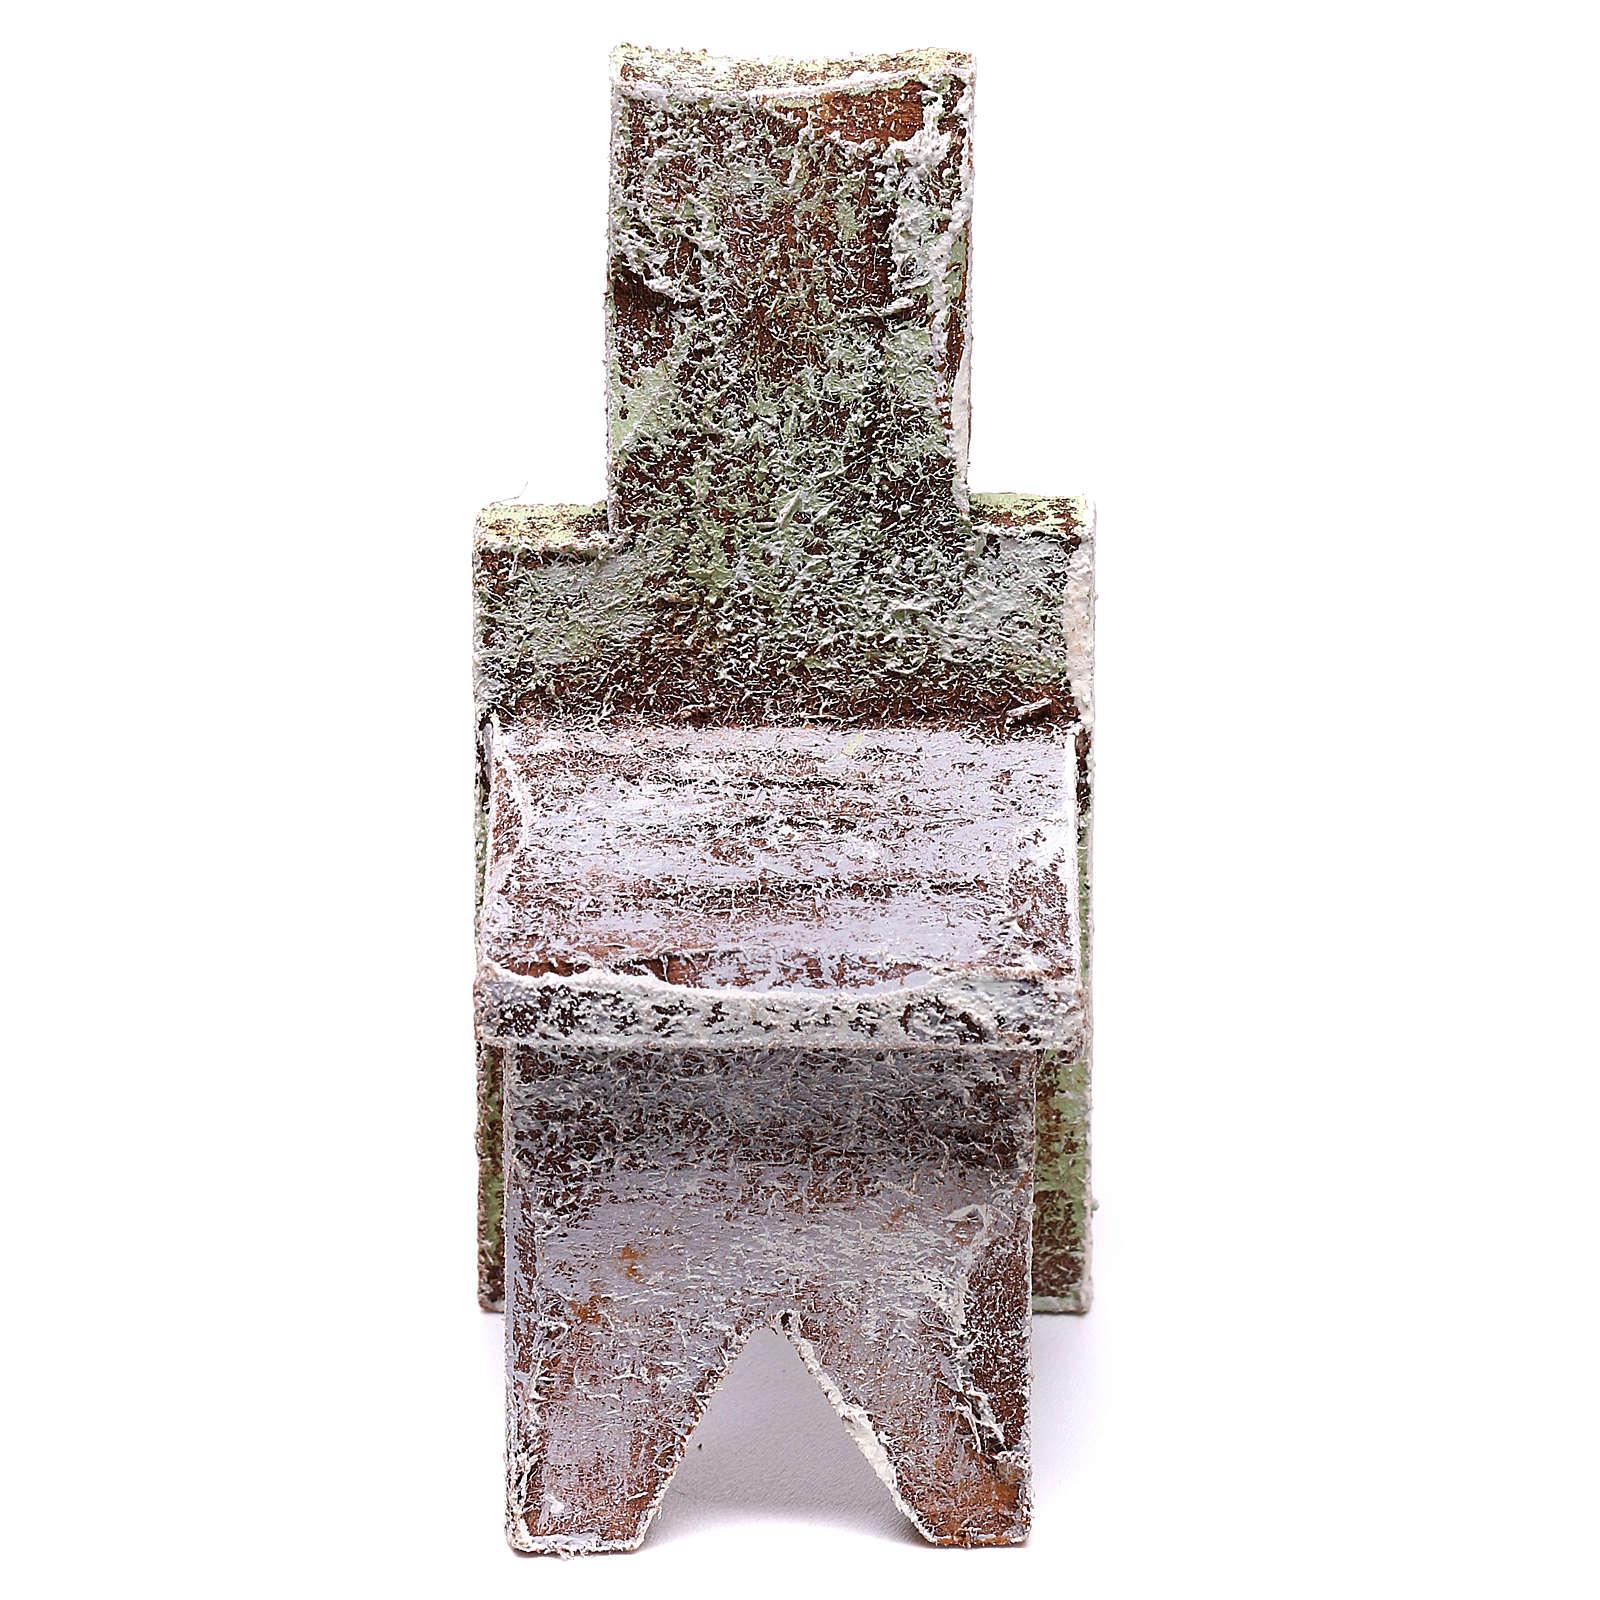 Chaise 5x5x5 cm pour crèche de 12 cm 4